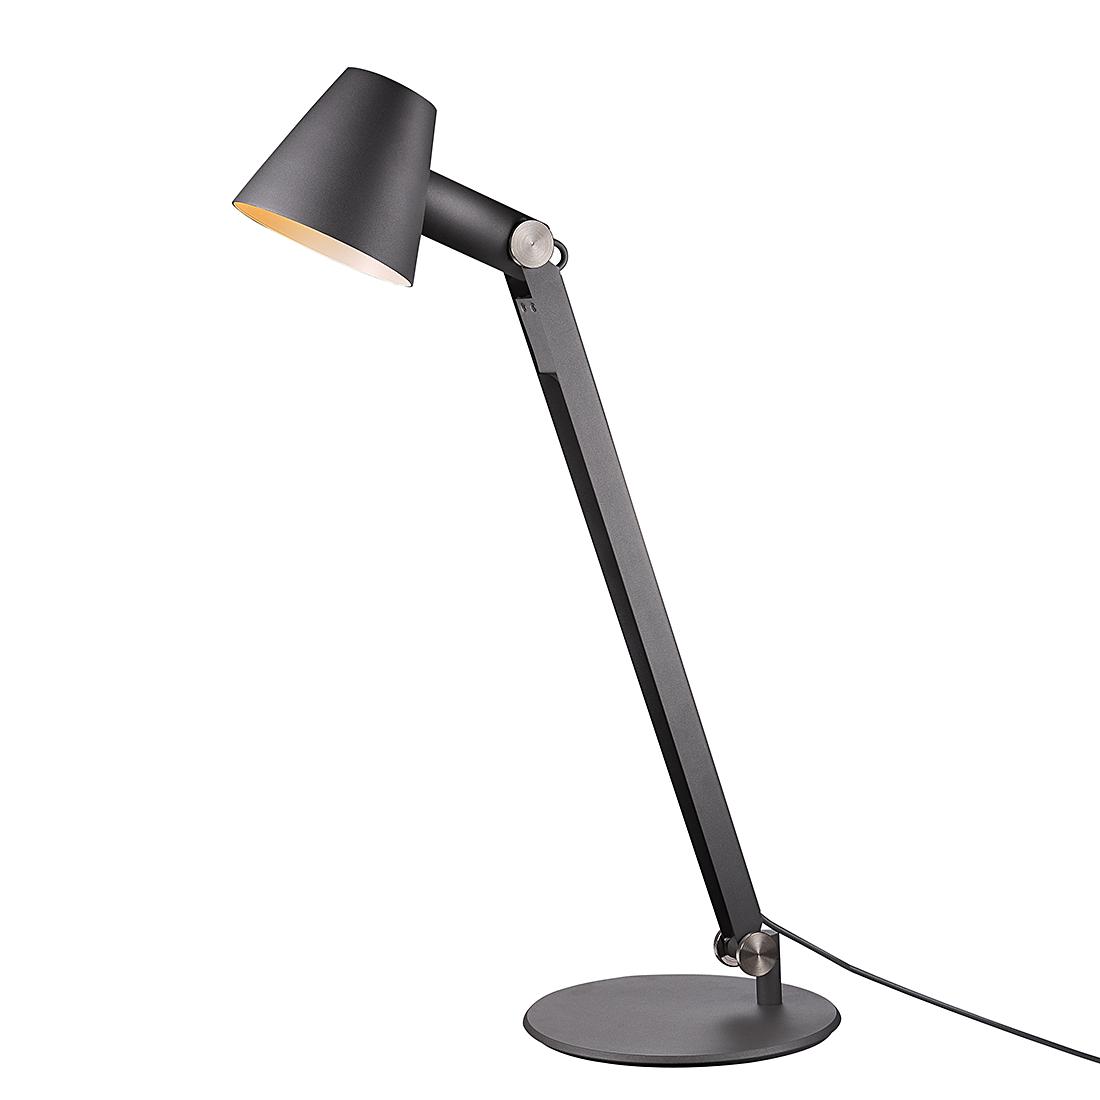 nordlux lampe de chevet cult e27 gris. Black Bedroom Furniture Sets. Home Design Ideas